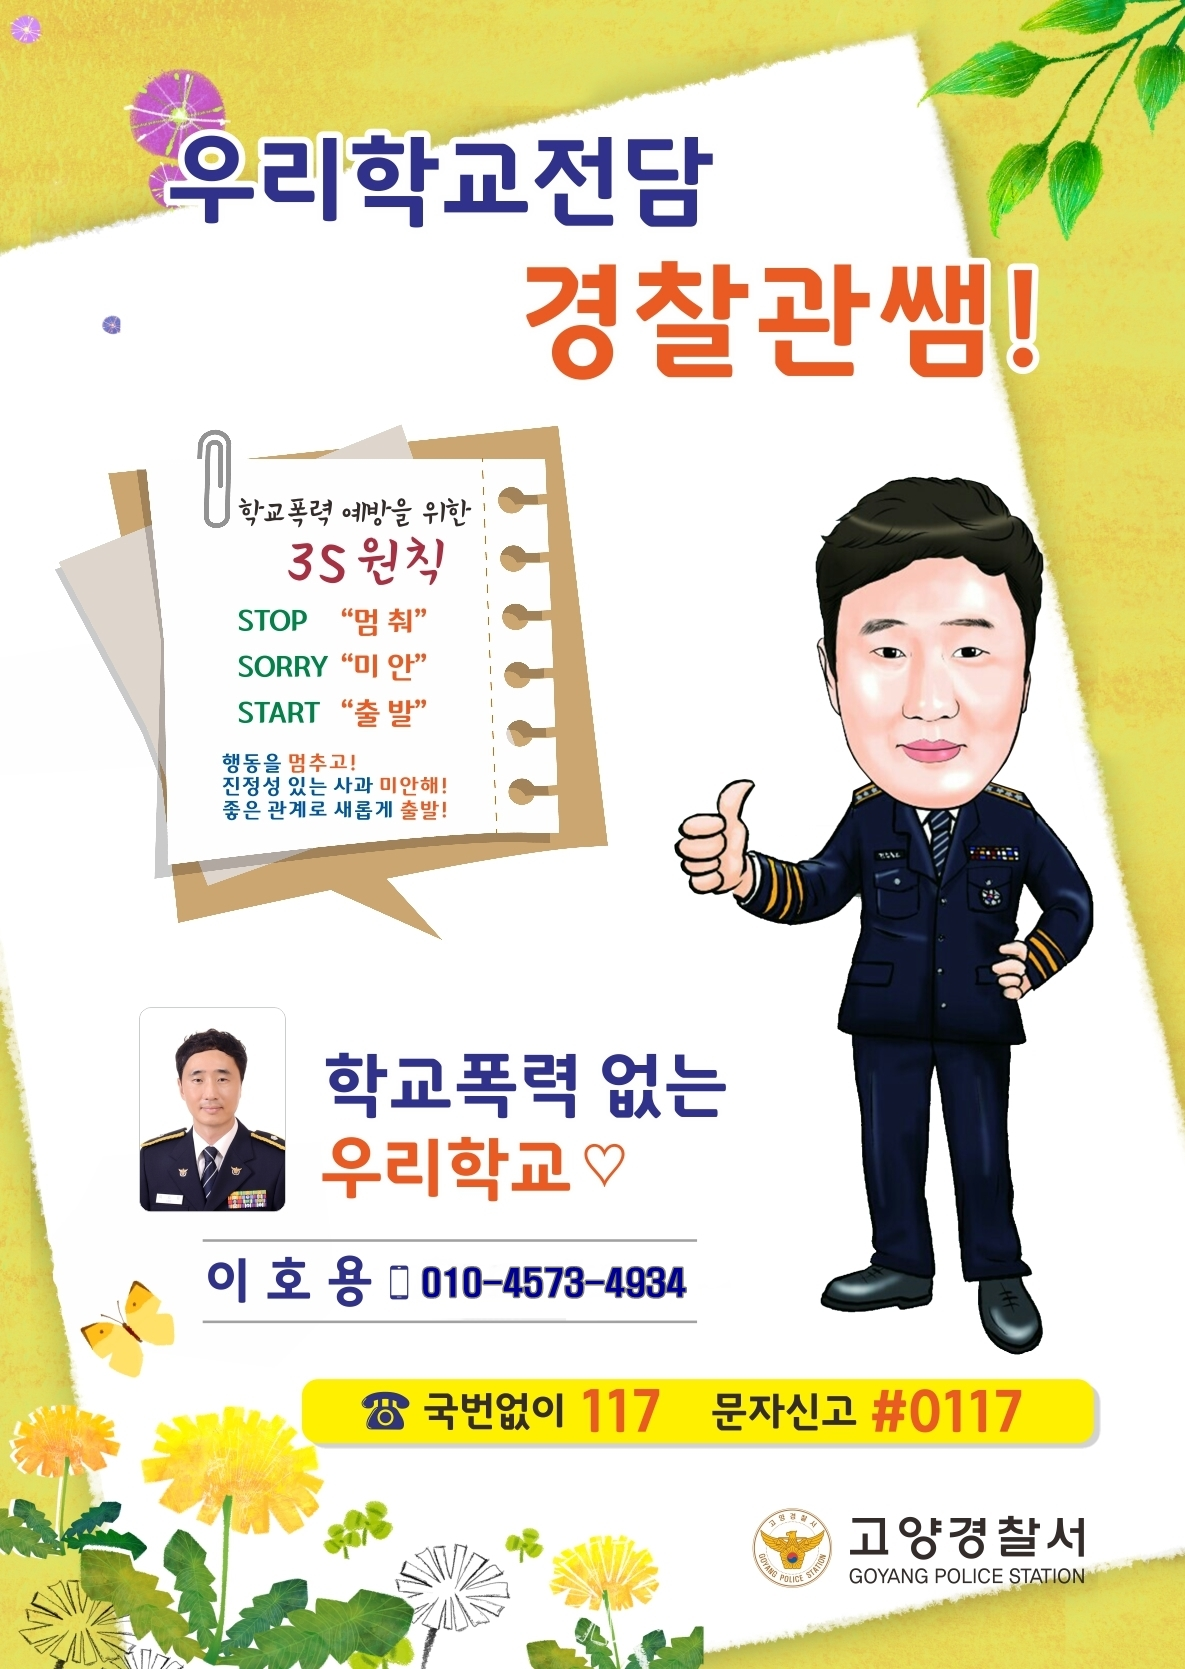 [일반] 2018년 우리학교 전담경찰관의 첨부이미지 1